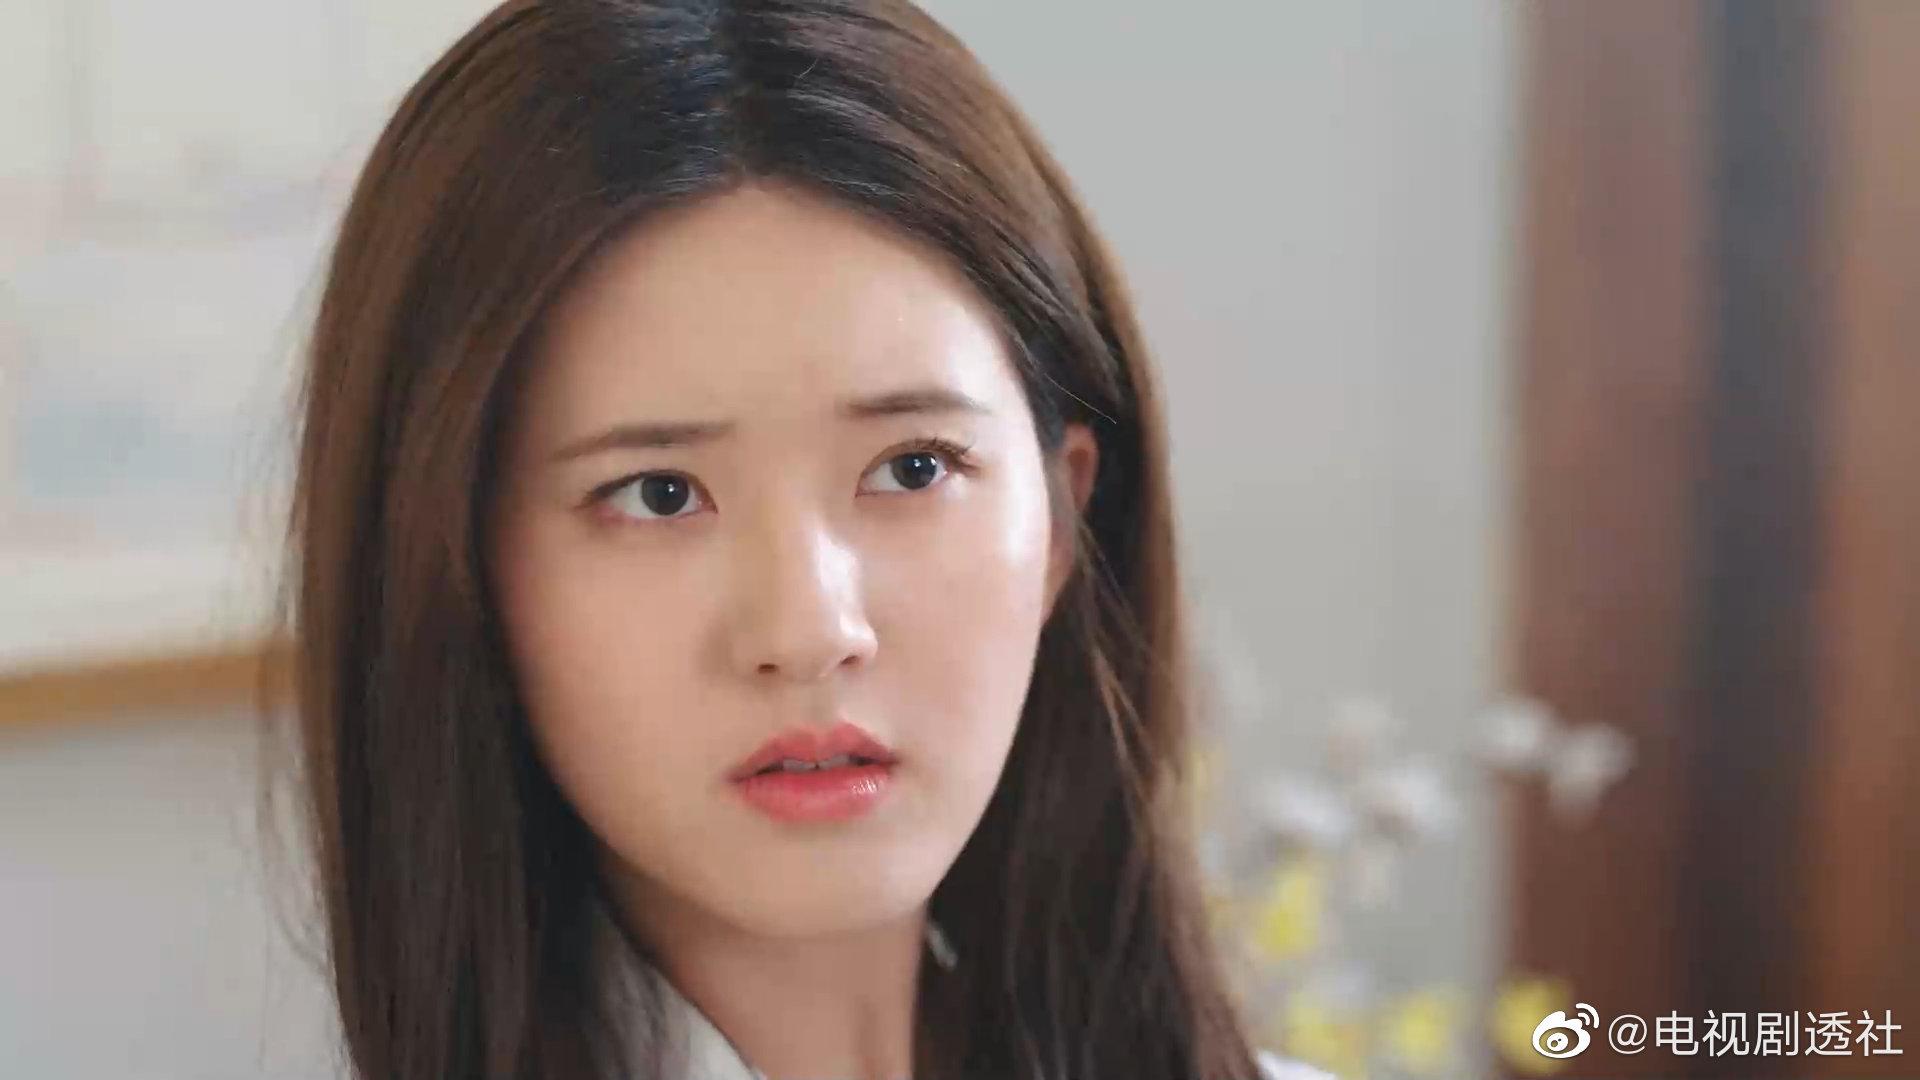 """Triệu Lộ Tư phim mới """"Mỹ nhân trà xanh"""" Triệu Lộ Tư lại thành trò cười cho netizen vì mái tóc nhuộm """"lệch pha"""" khi đóng phim cổ trang - Ảnh 2."""